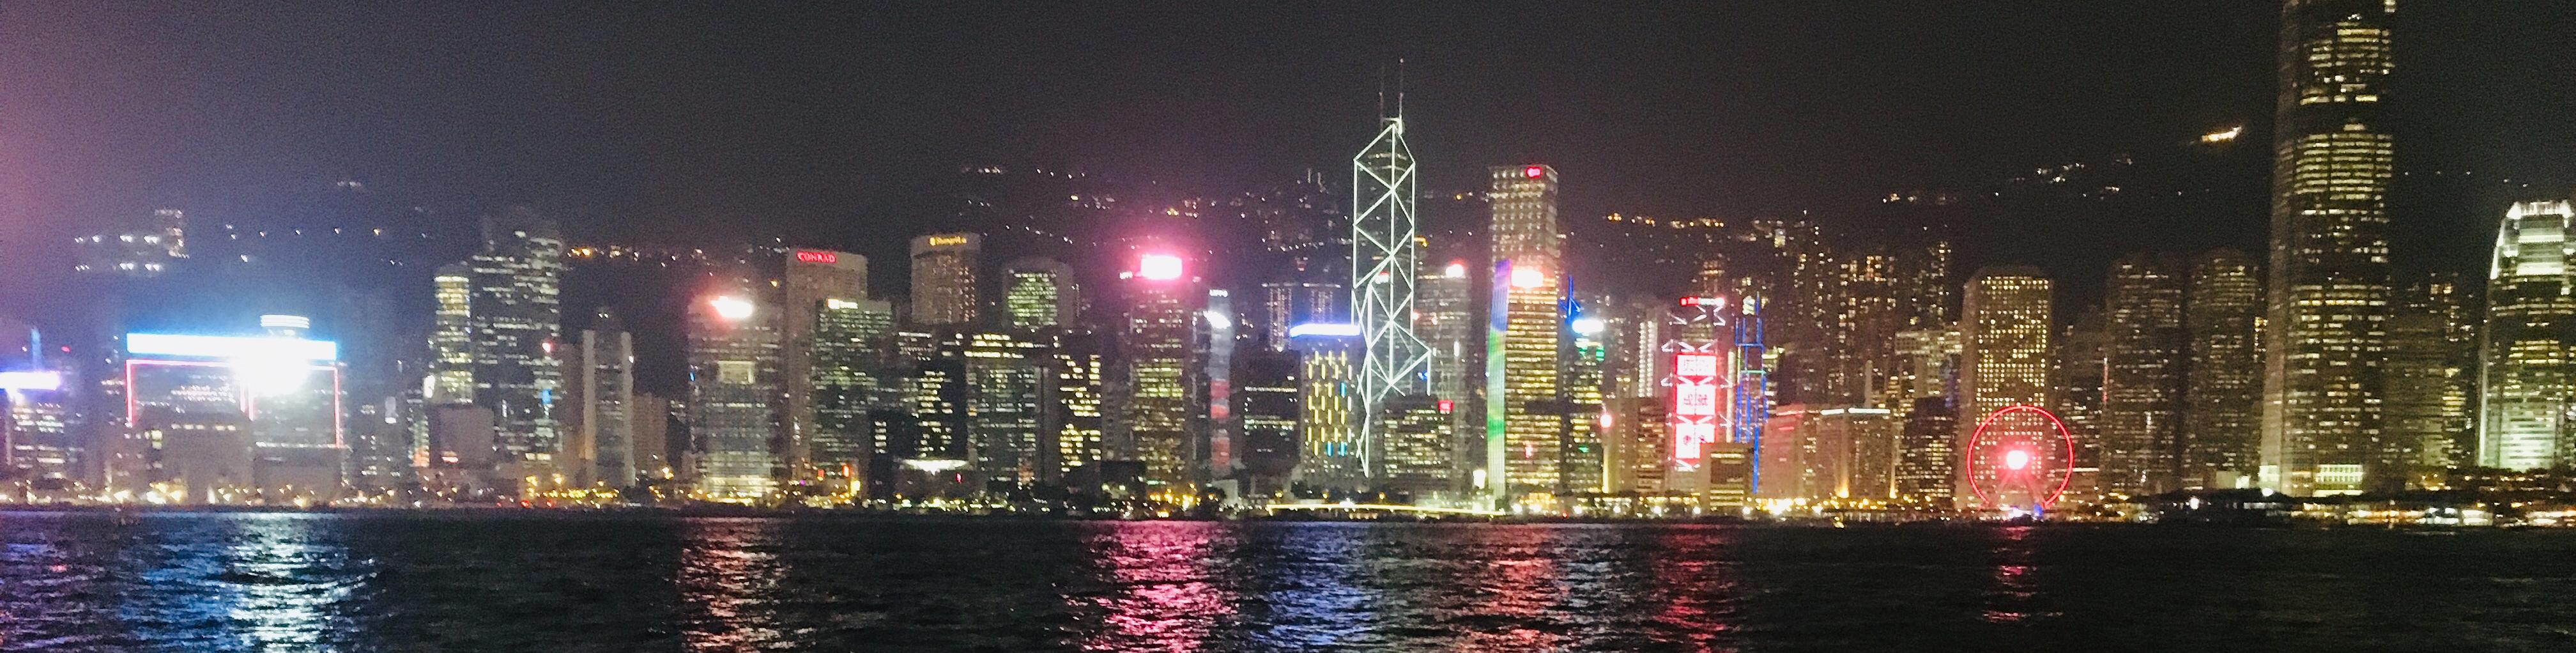 D.A.R.E at Media Education Summit in Hong Kong